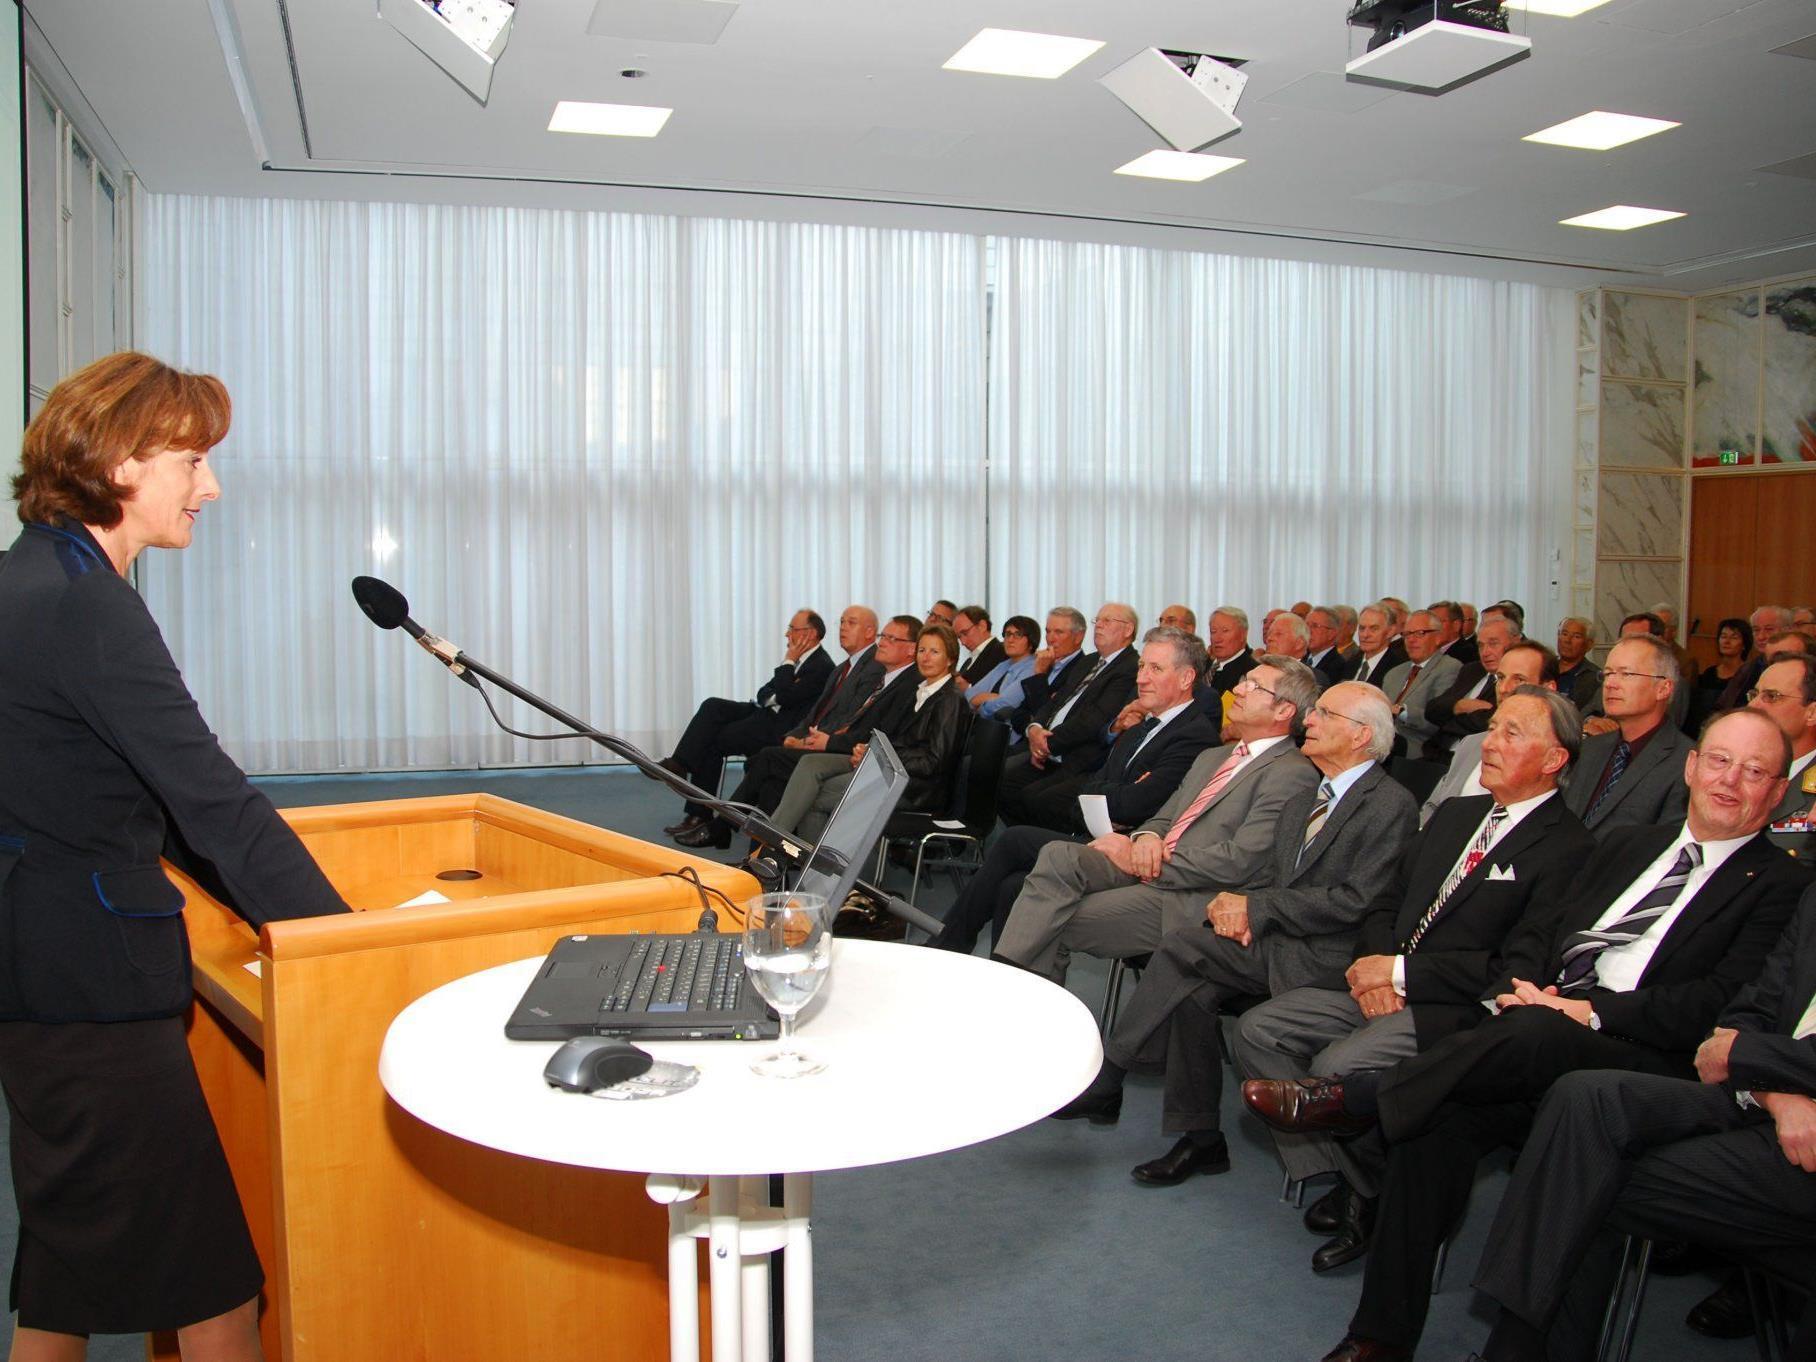 LTP Mennel konnte zahlreiche aktive und ehemalige Mitglieder des Landtags begrüßen.